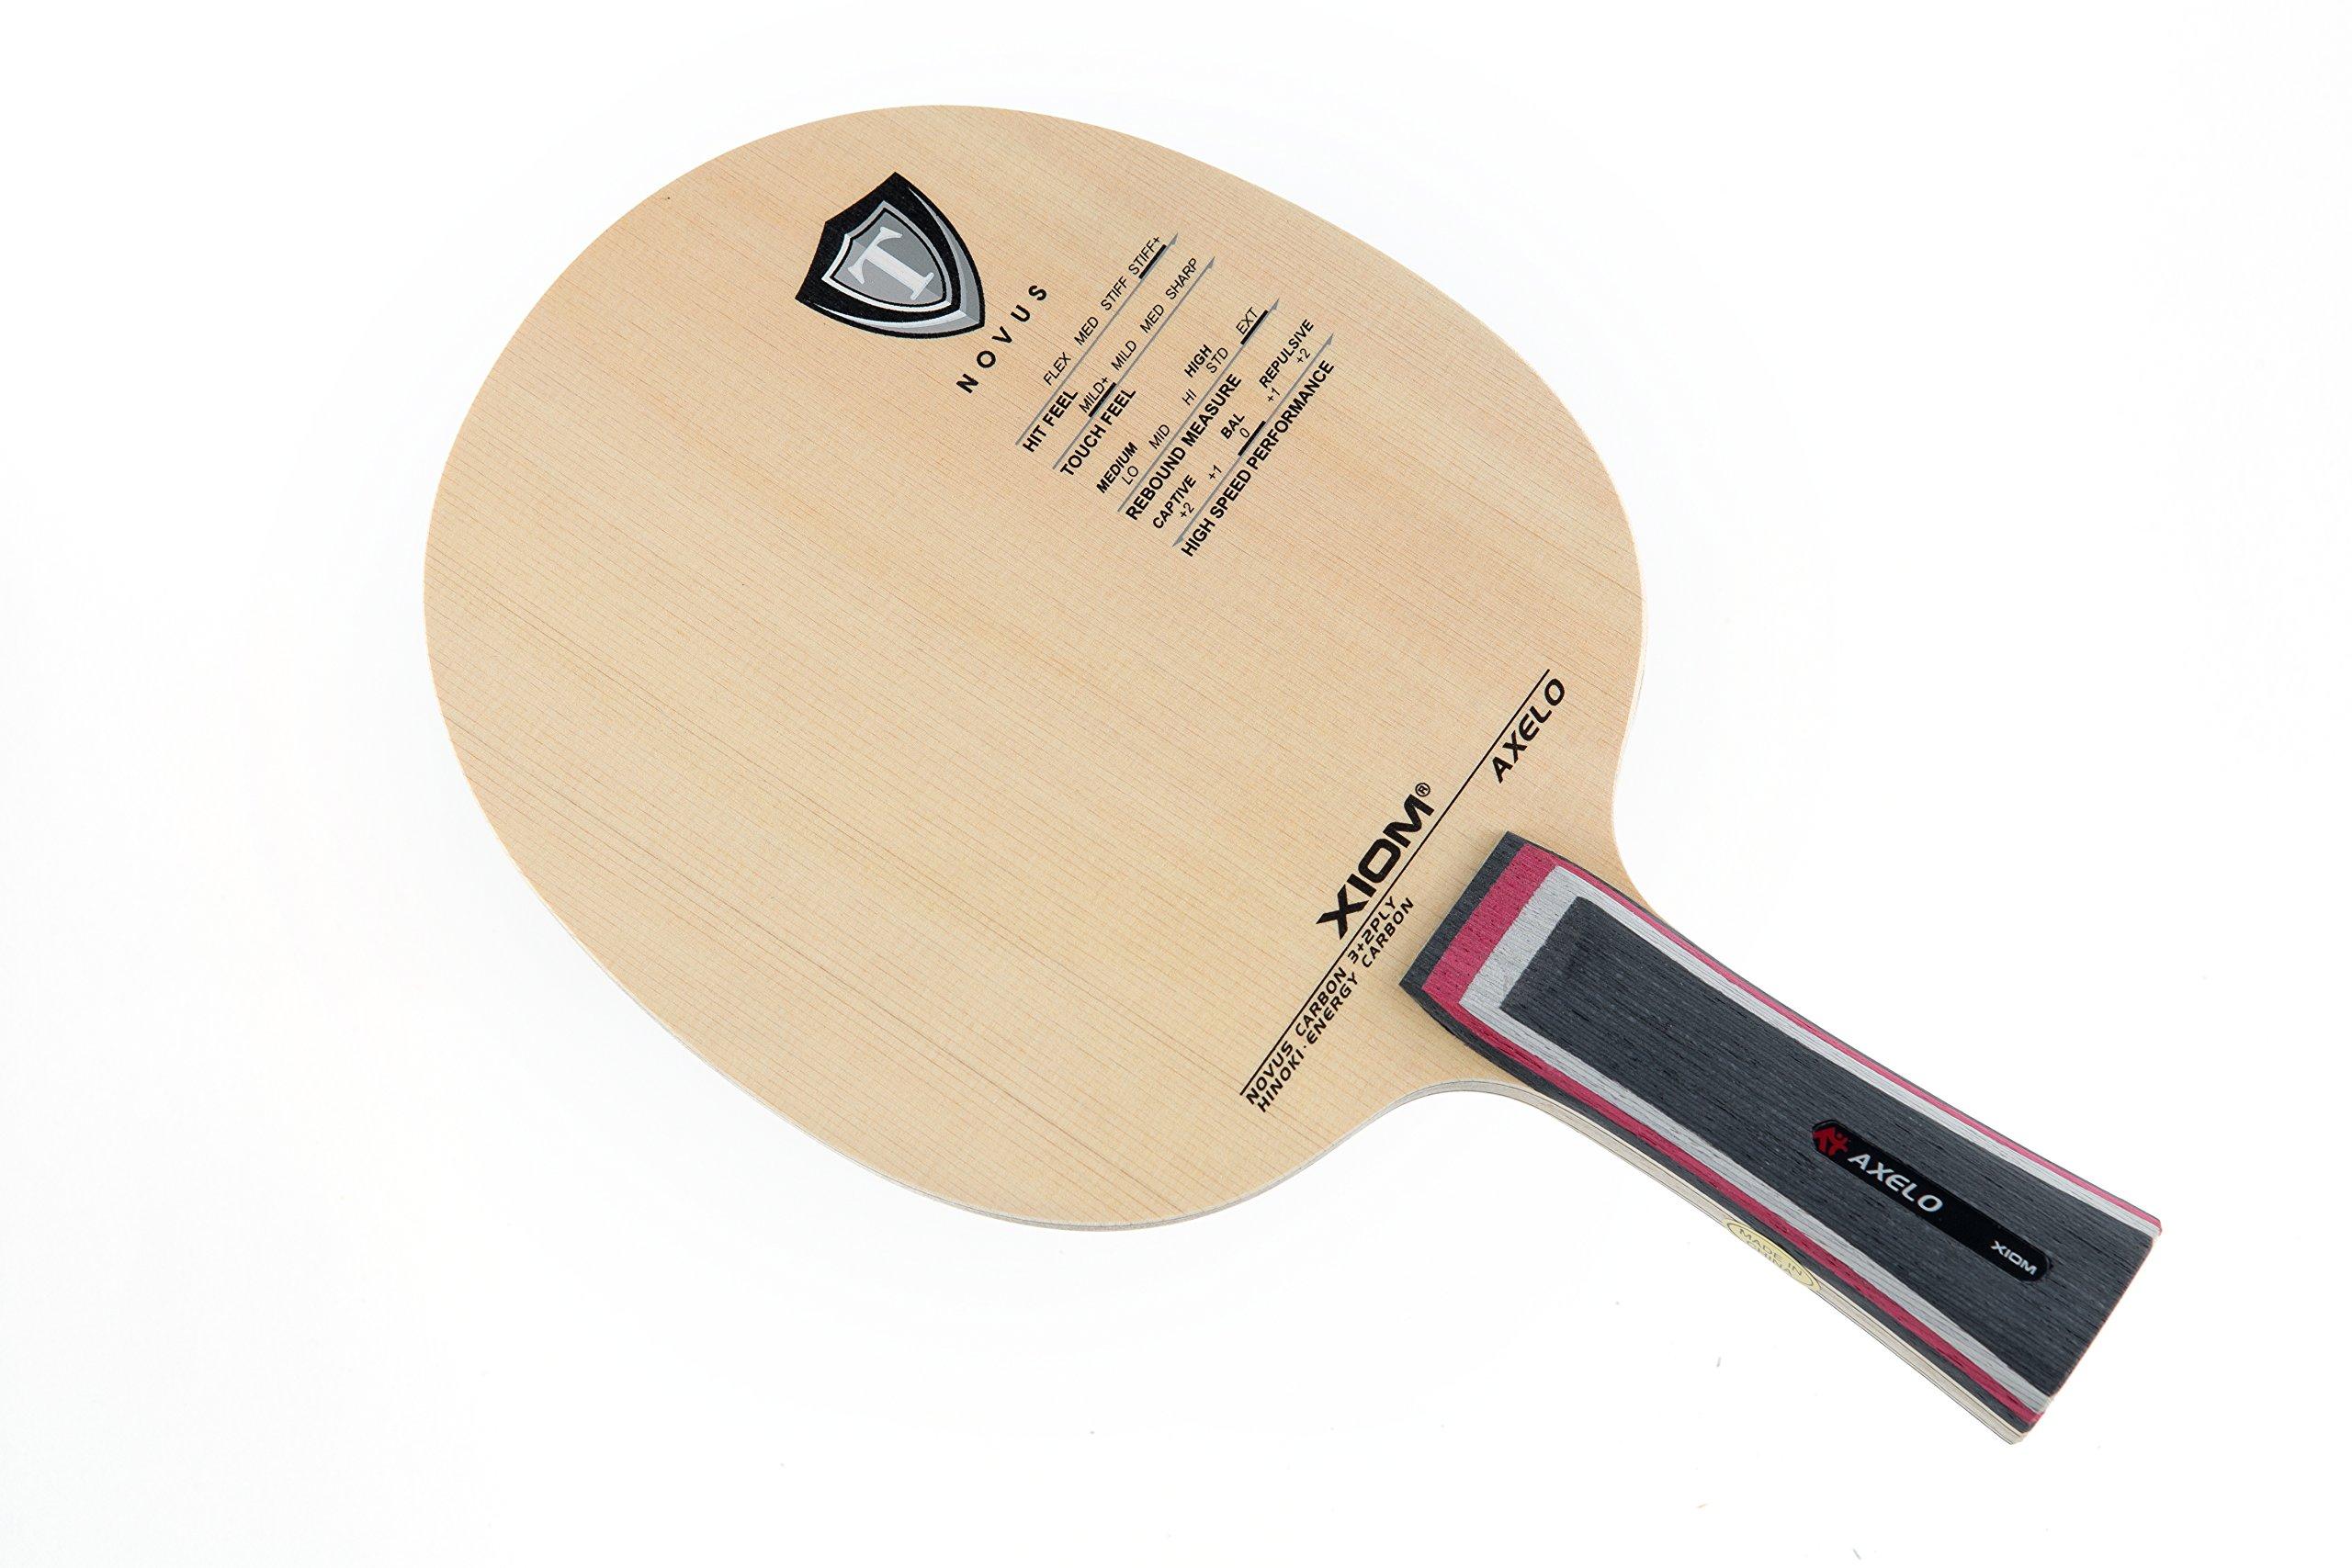 Xiom Axelo FL Table Tennis Racket